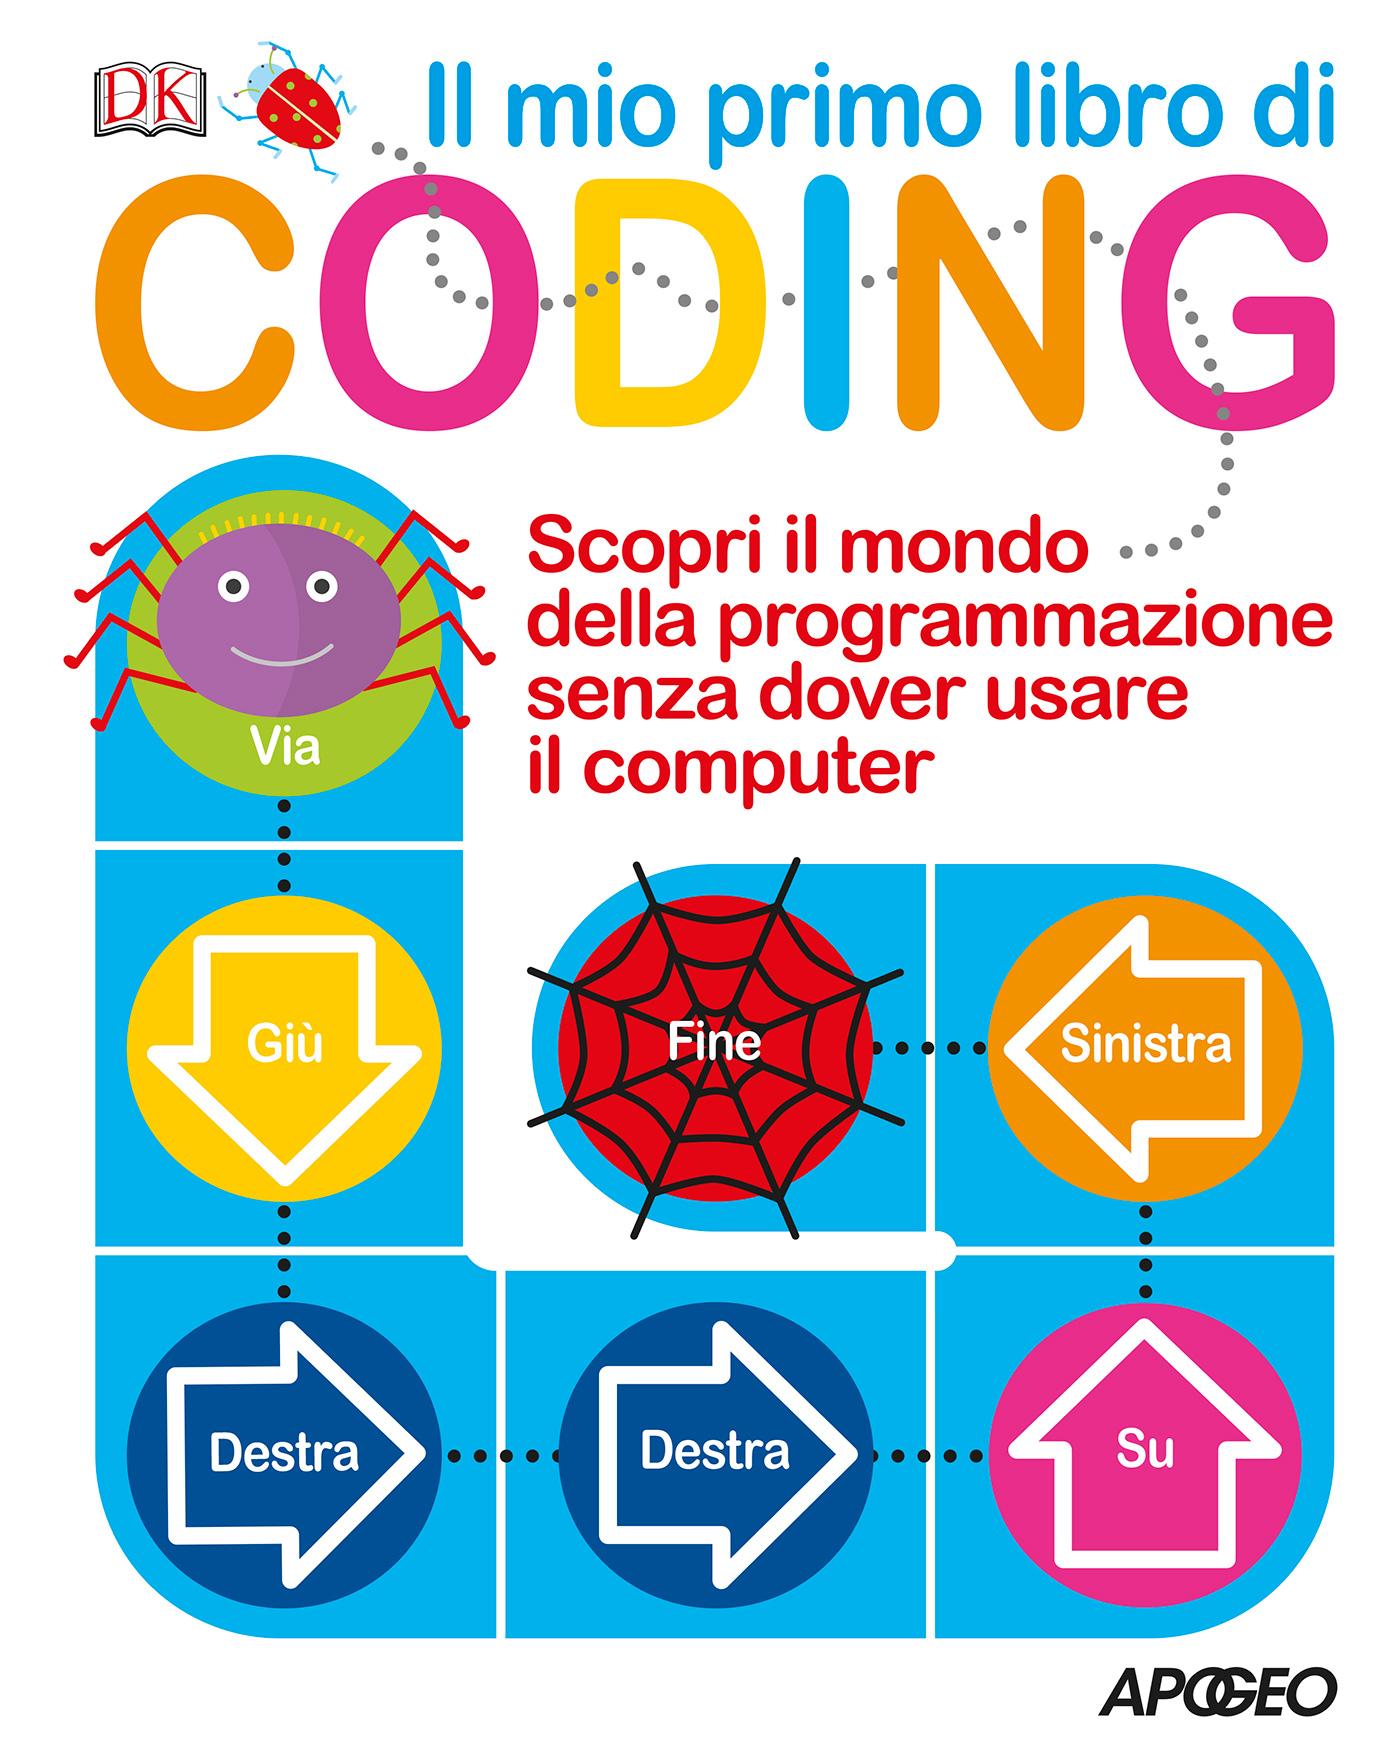 Il mio primo libro di coding, di Kiki Prottsman